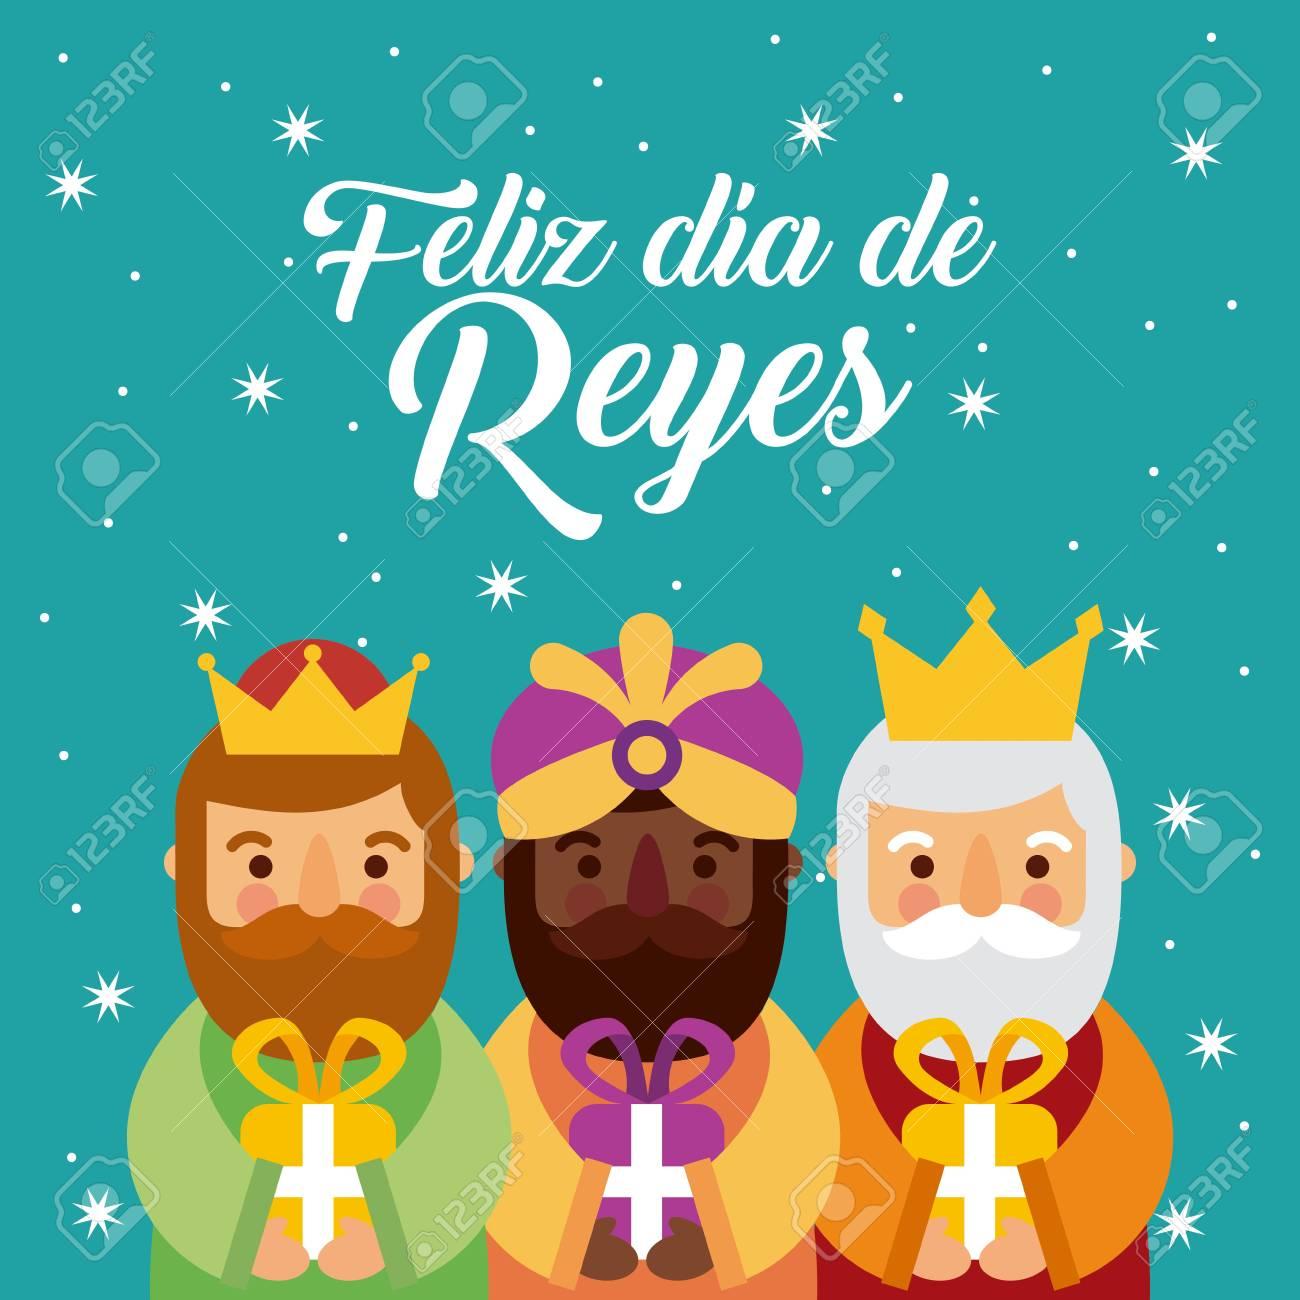 Imagenes Tres Reyes Magos Gratis.Feliz Dia De Los Reyes Tres Reyes Magos Traen Regalos A La Ilustracion De Vector De Jesus